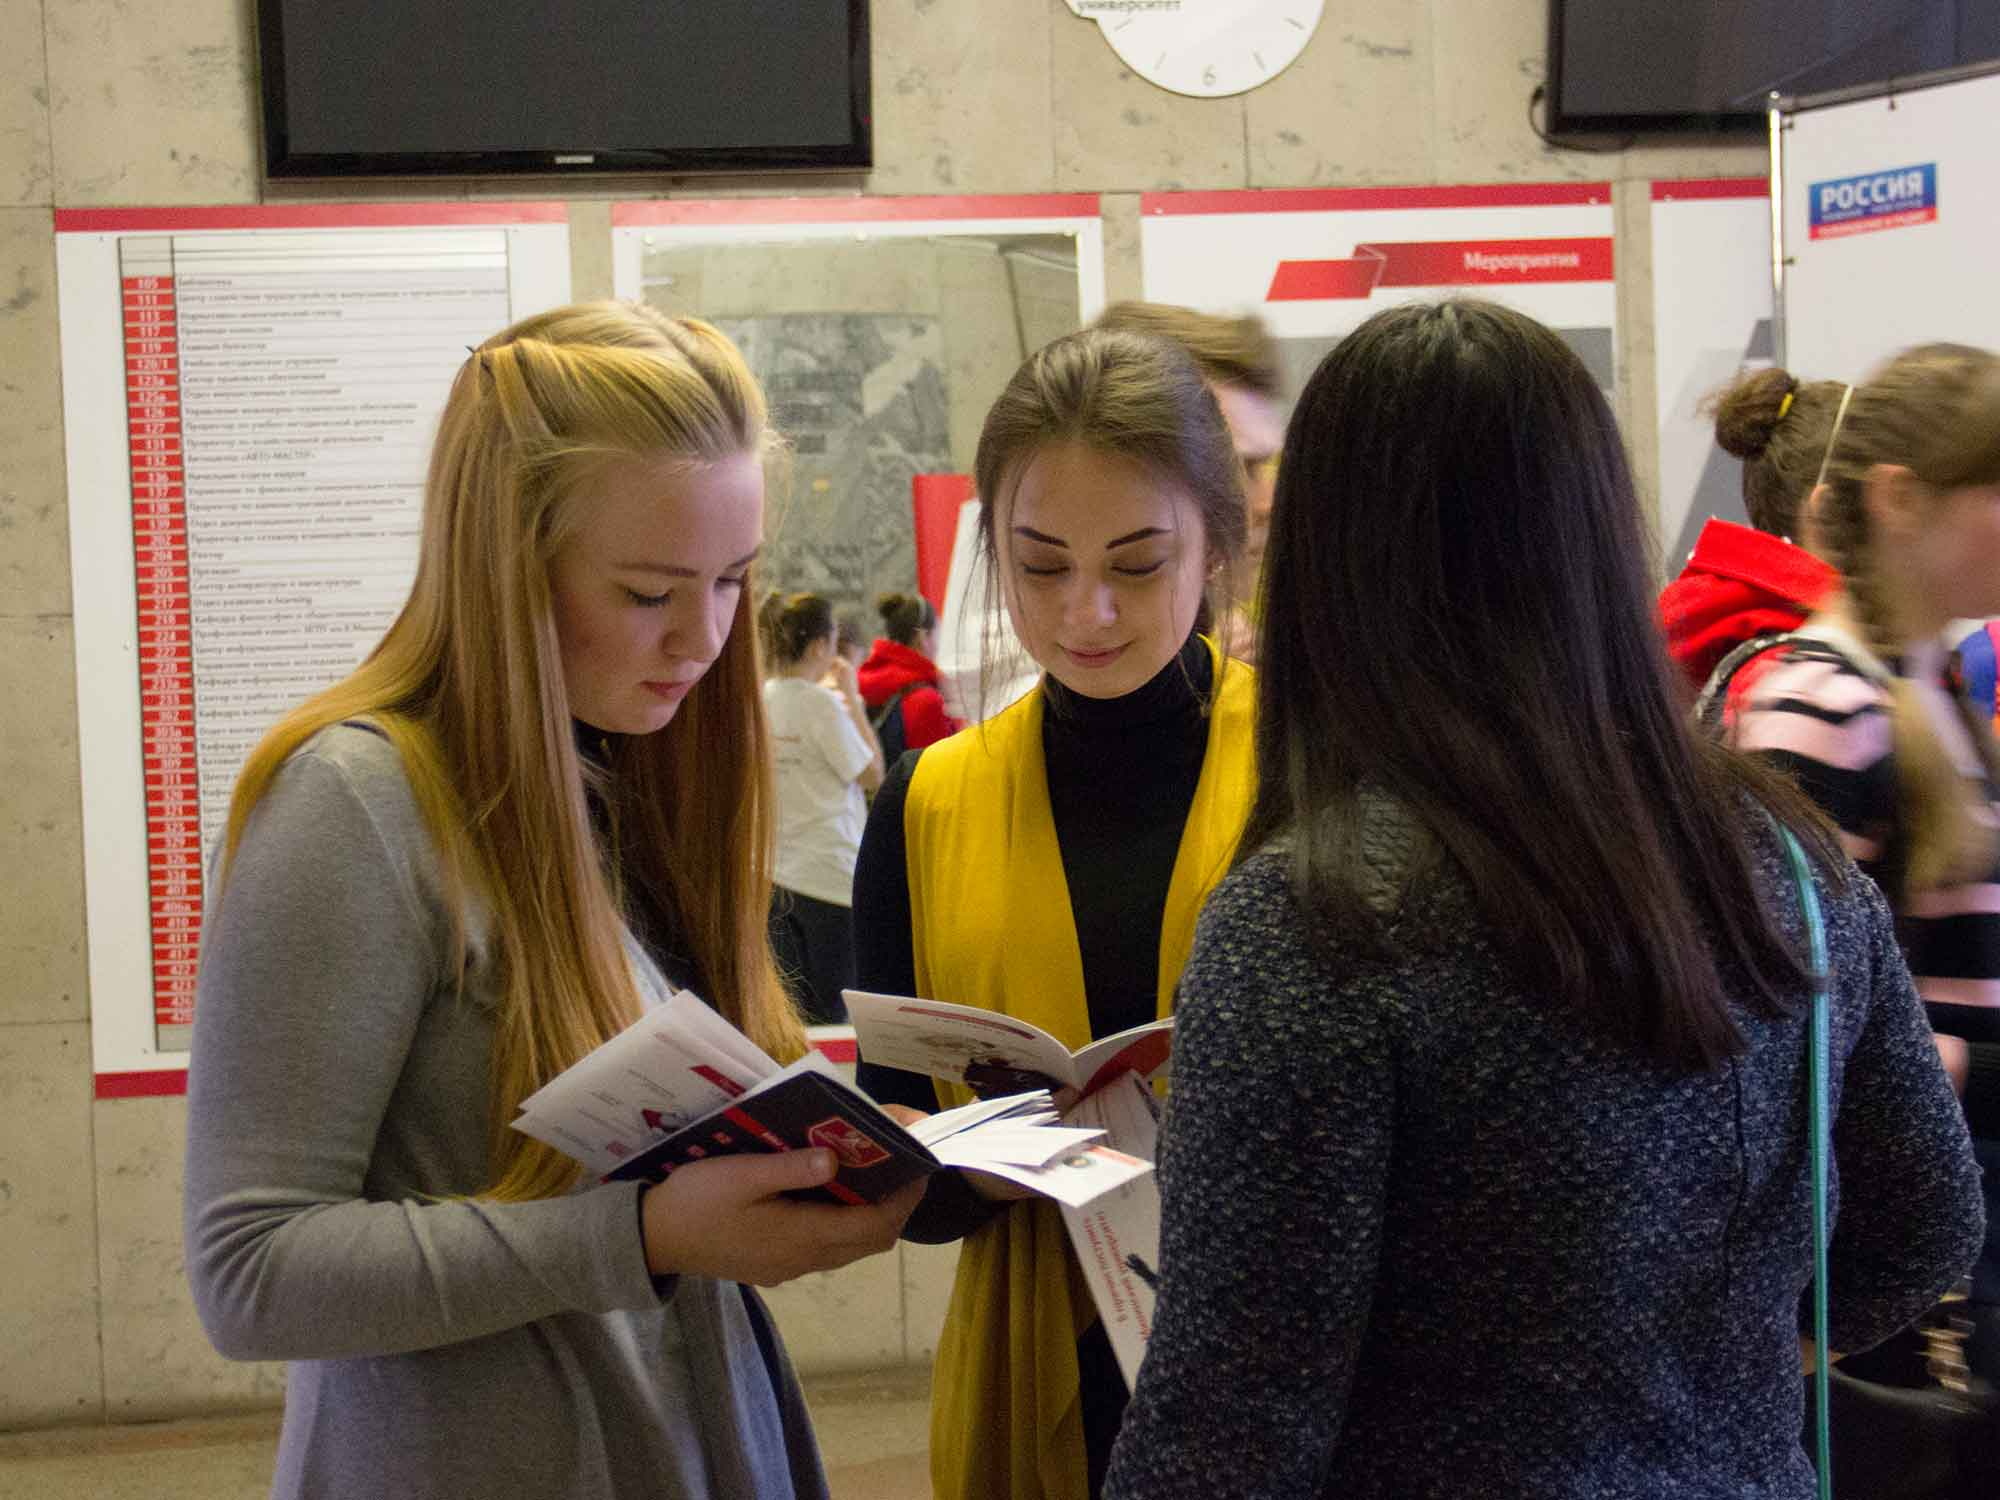 День открытых дверей прошёл в Мининском университете